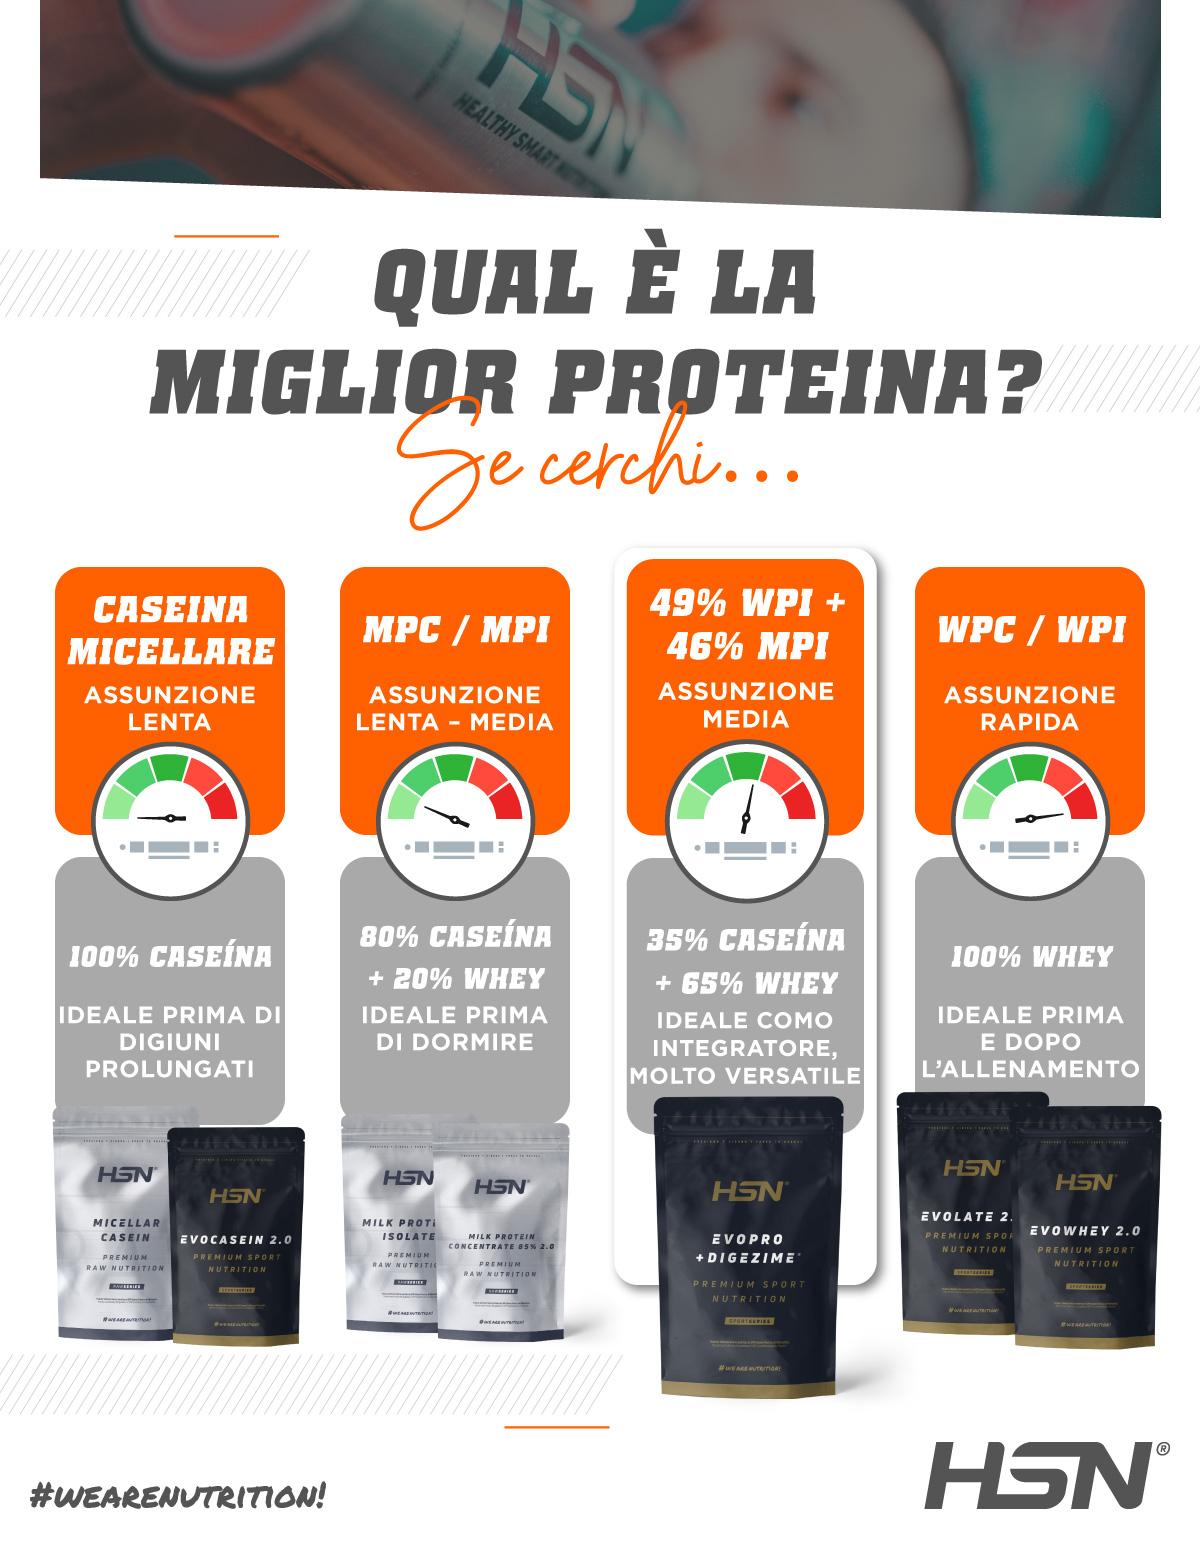 Qual è la migliore proteina? HSN